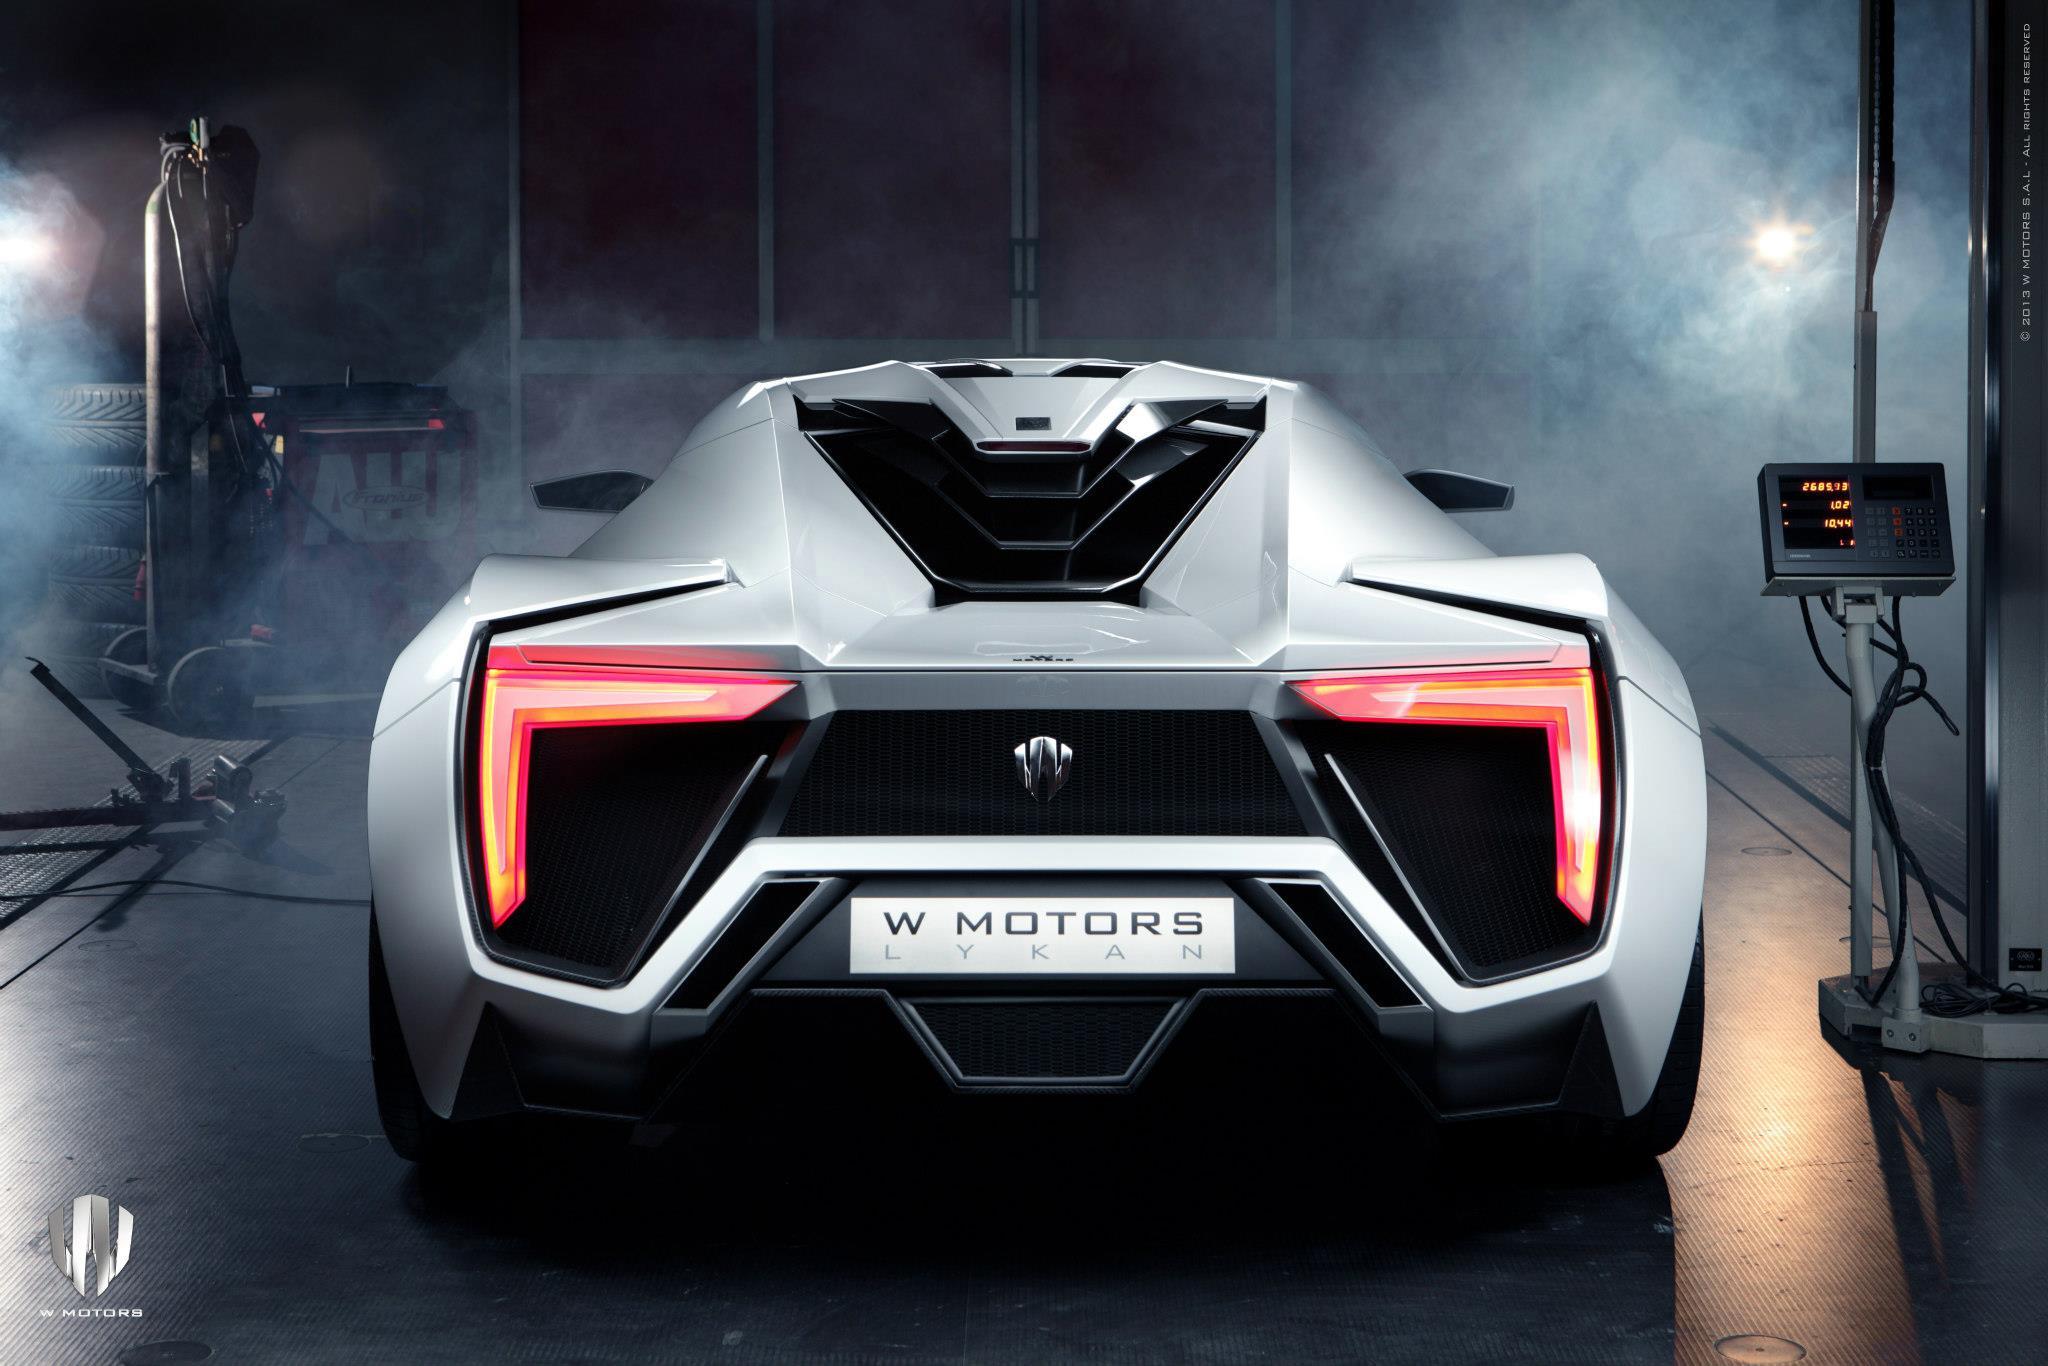 http://images.caradisiac.com/images/4/1/6/3/84163/S0-La-plus-chere-de-tous-les-temps-se-nomme-W-Motors-Lykan-Hypersport-284178.jpg